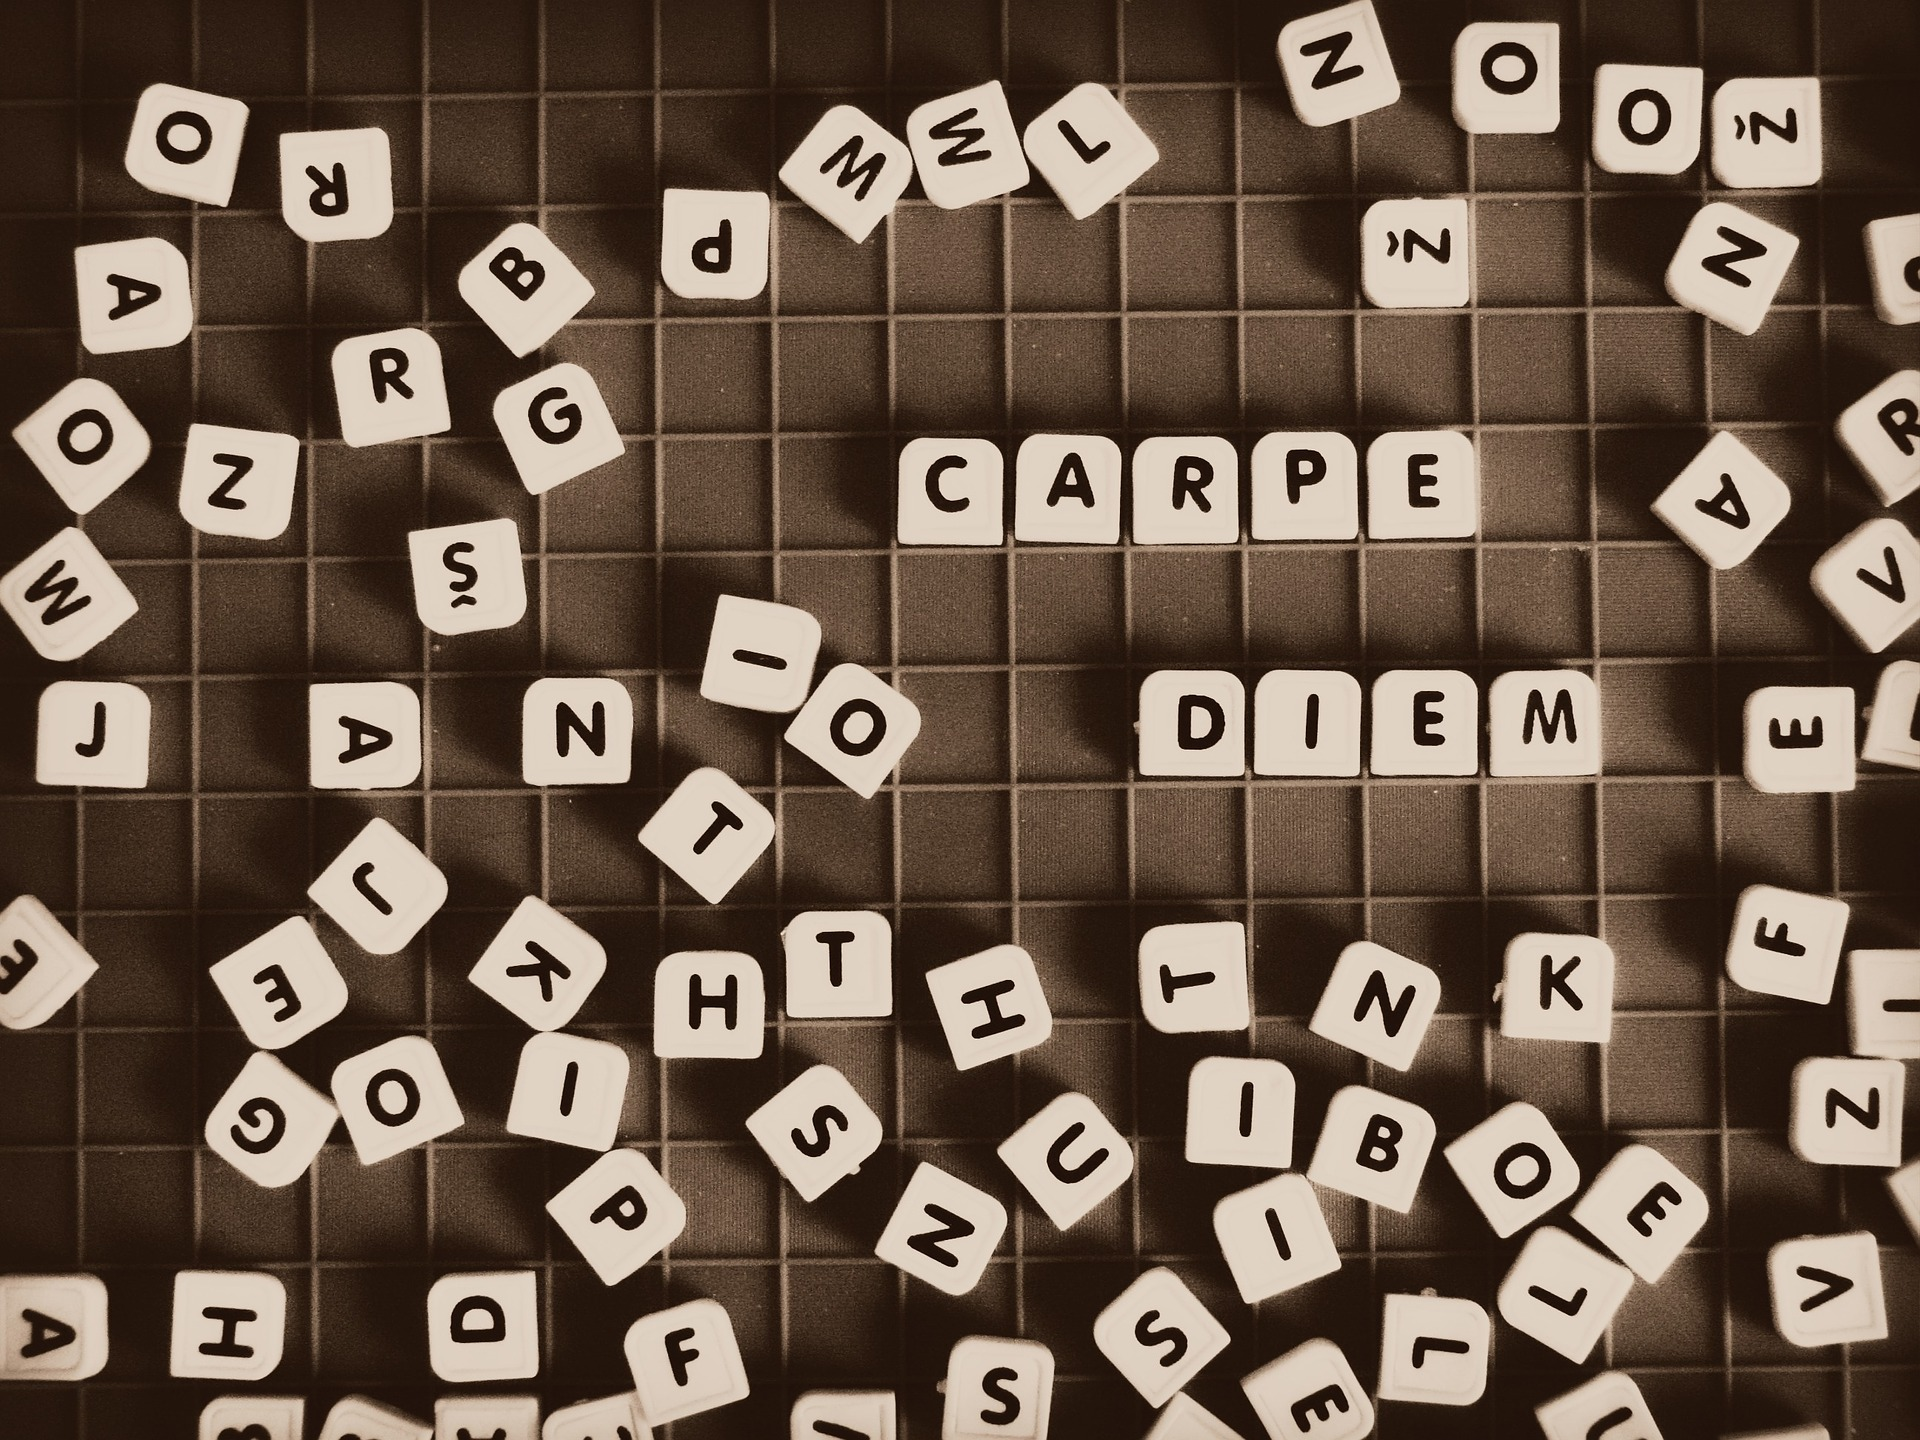 单词, 游戏, 约会, 歌词, 生活 - 高清壁纸 - 教授-falken.com